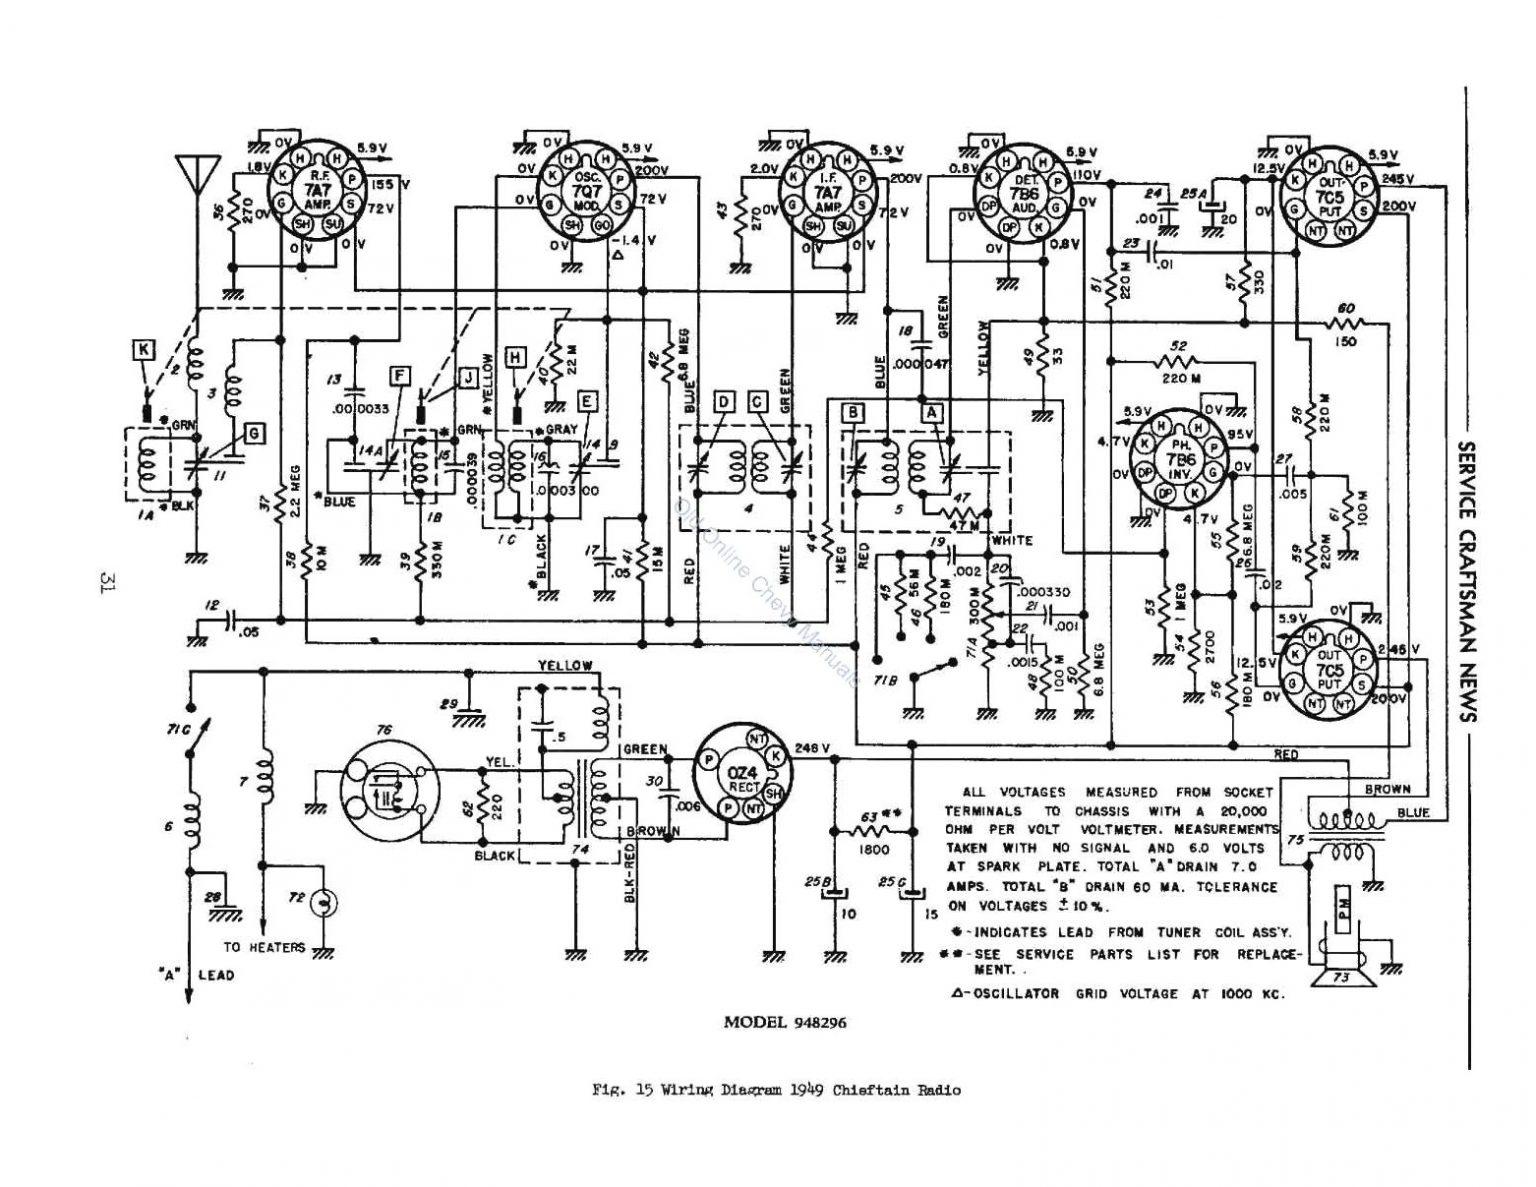 Schéma électrique Pontiac Chieftain 1949